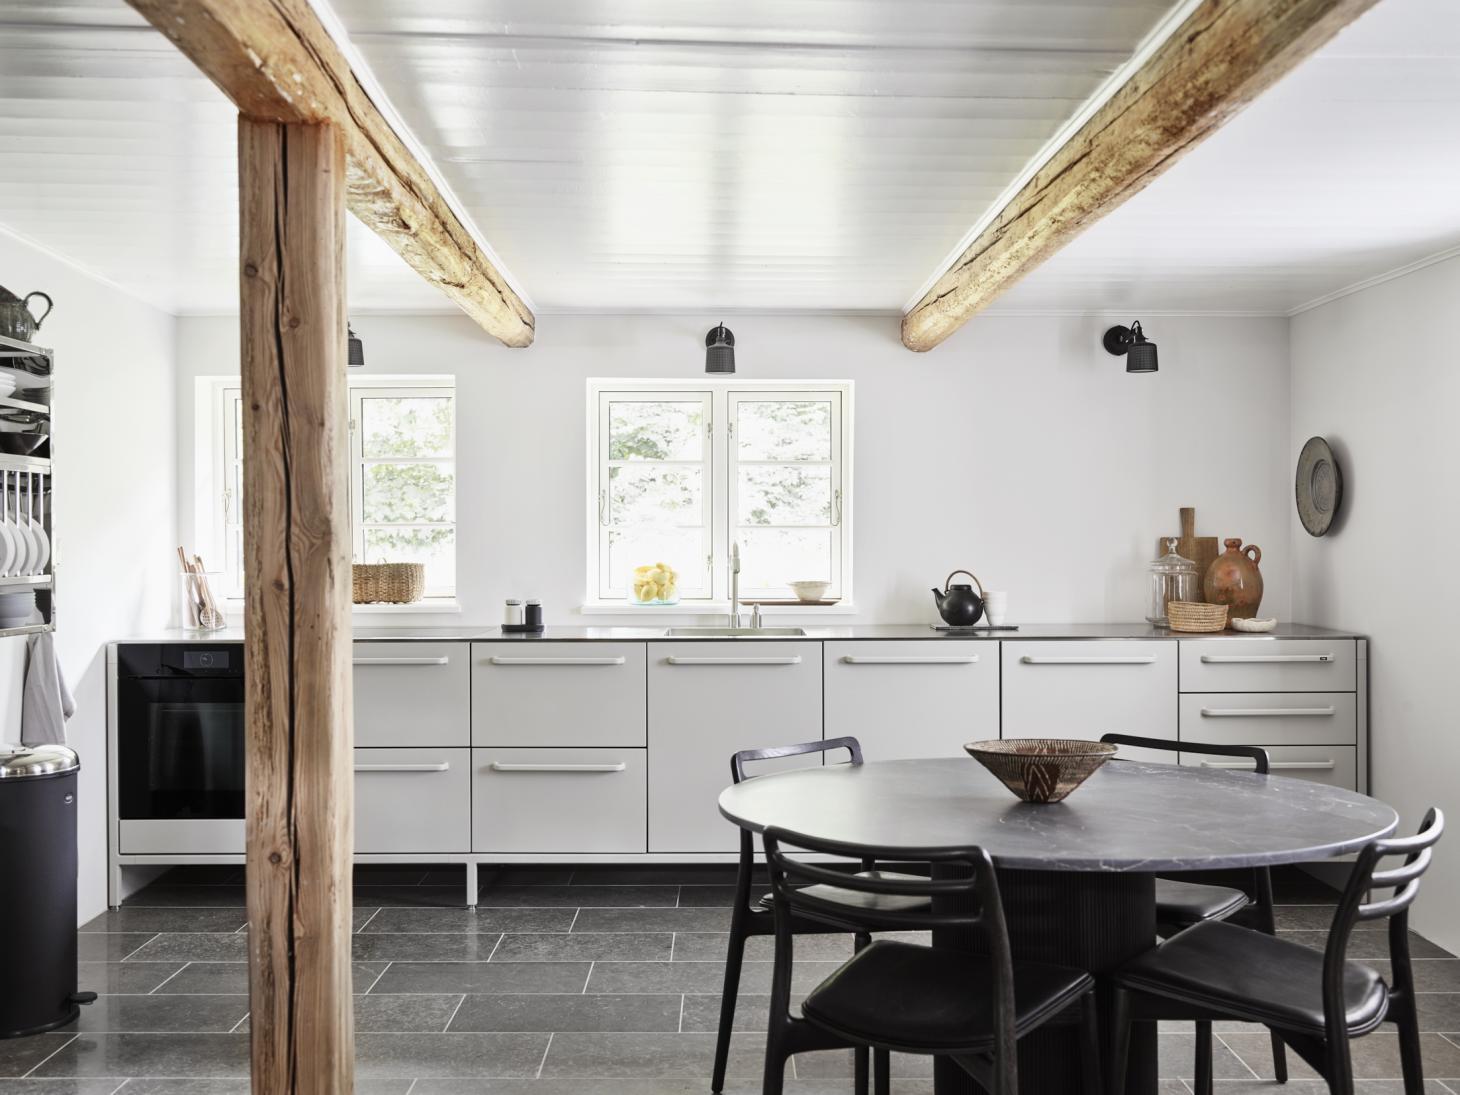 Vipp Farmhouse's minimalist kitchen